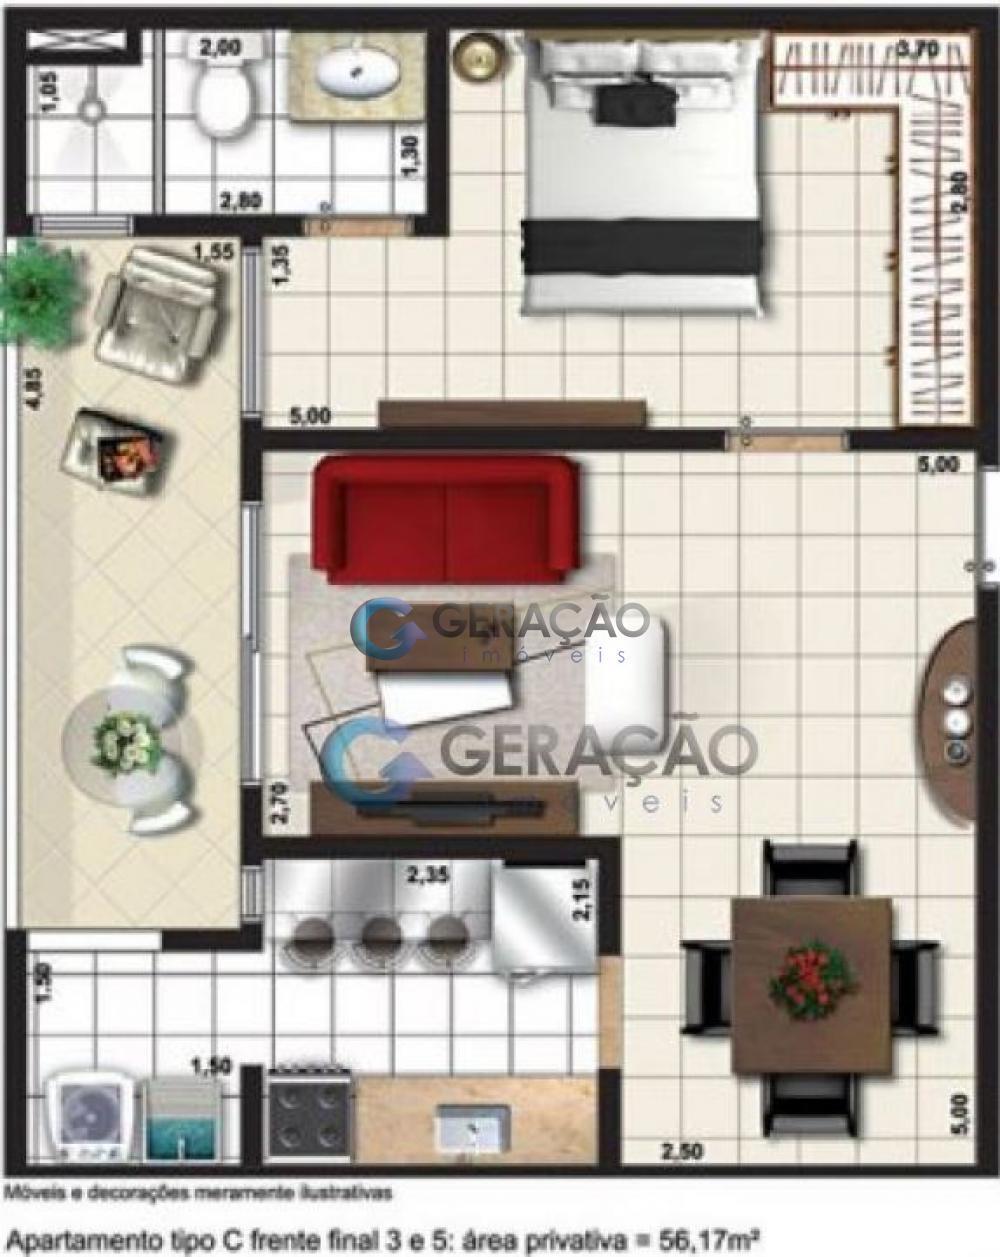 Comprar Apartamento / Padrão em São José dos Campos R$ 373.000,00 - Foto 28